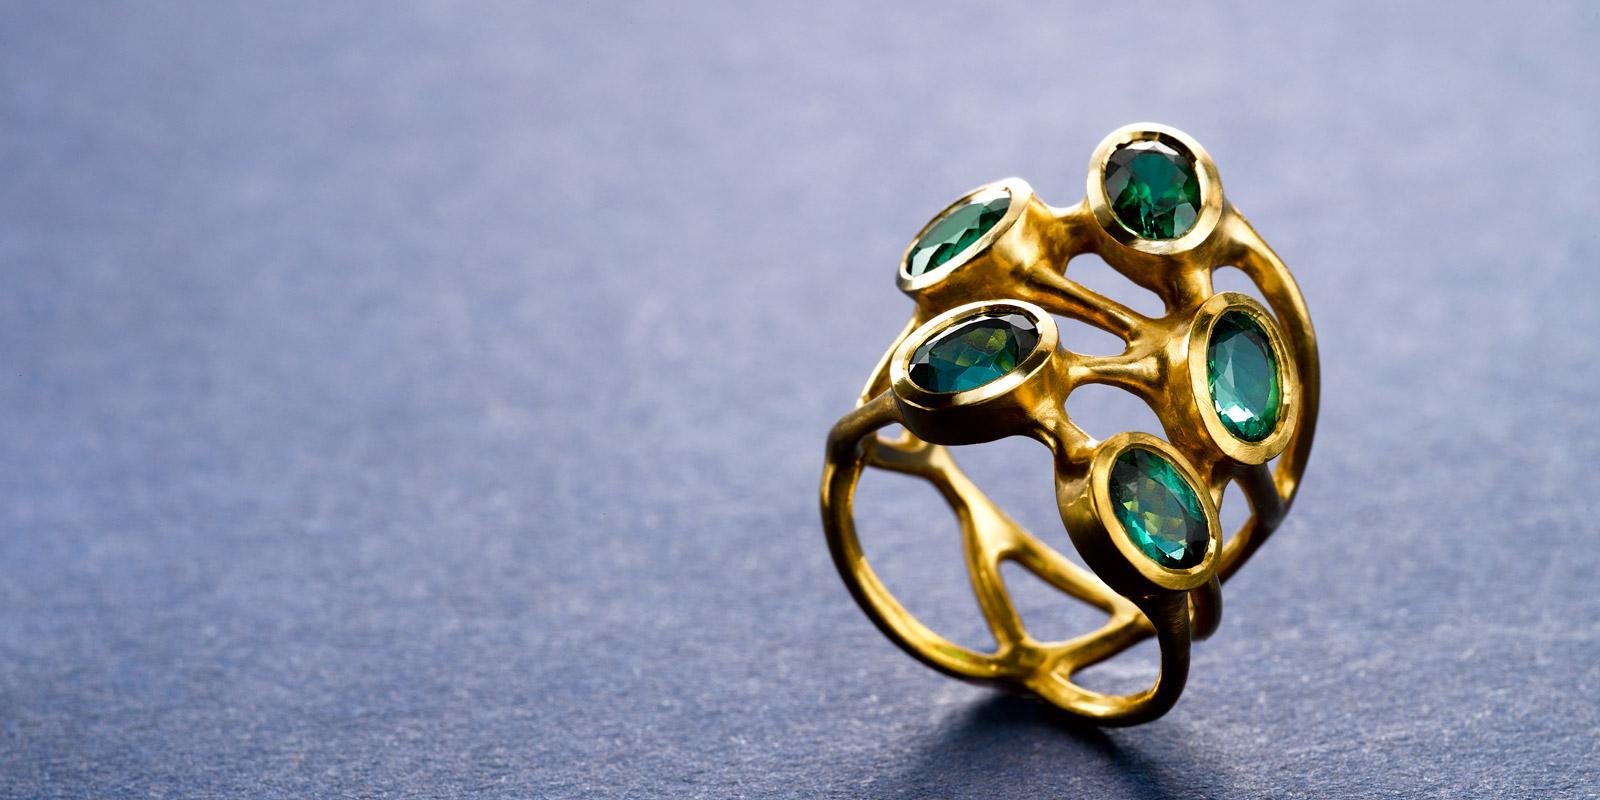 Green tourmaline and 22 karat gold ring